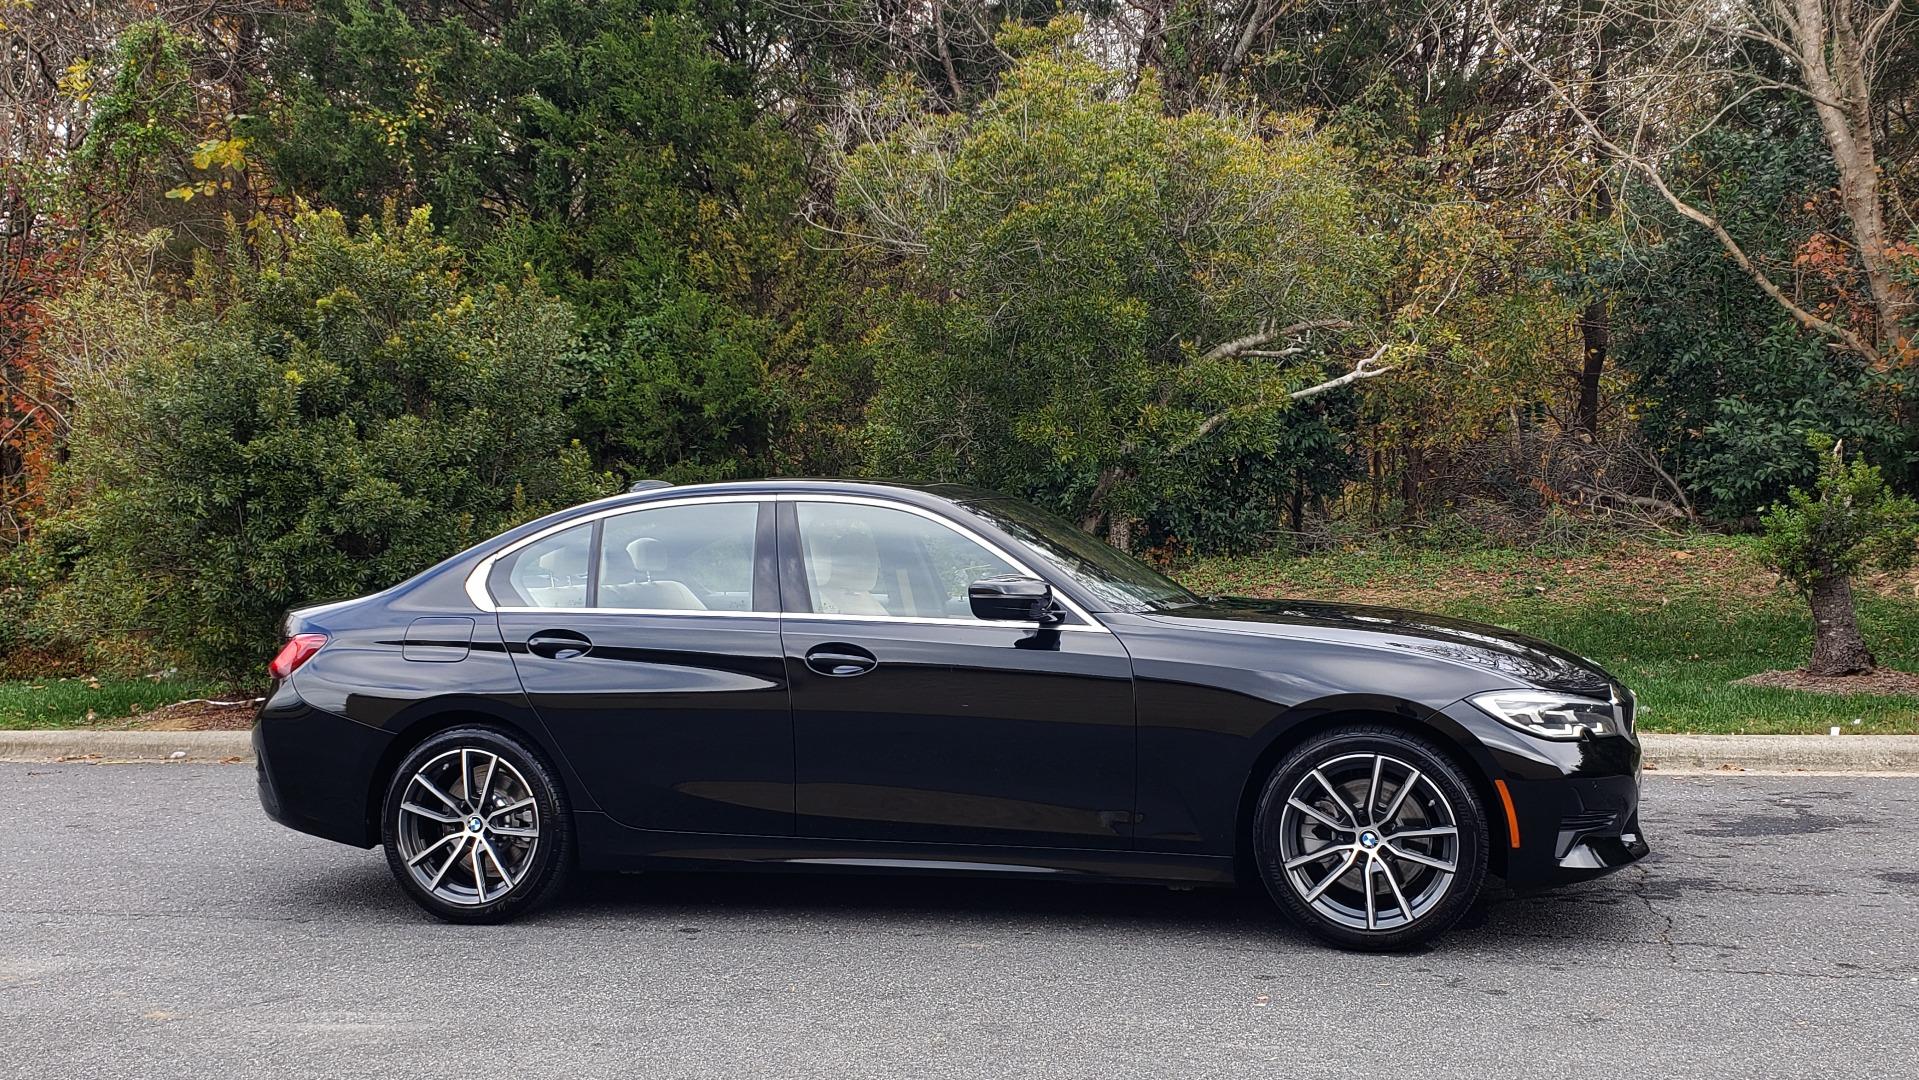 Used 2019 BMW 3 SERIES 330I PREM PKG / NAV / CONV PKG / H&K SND / LIVE COCKPIT PRO for sale Sold at Formula Imports in Charlotte NC 28227 6